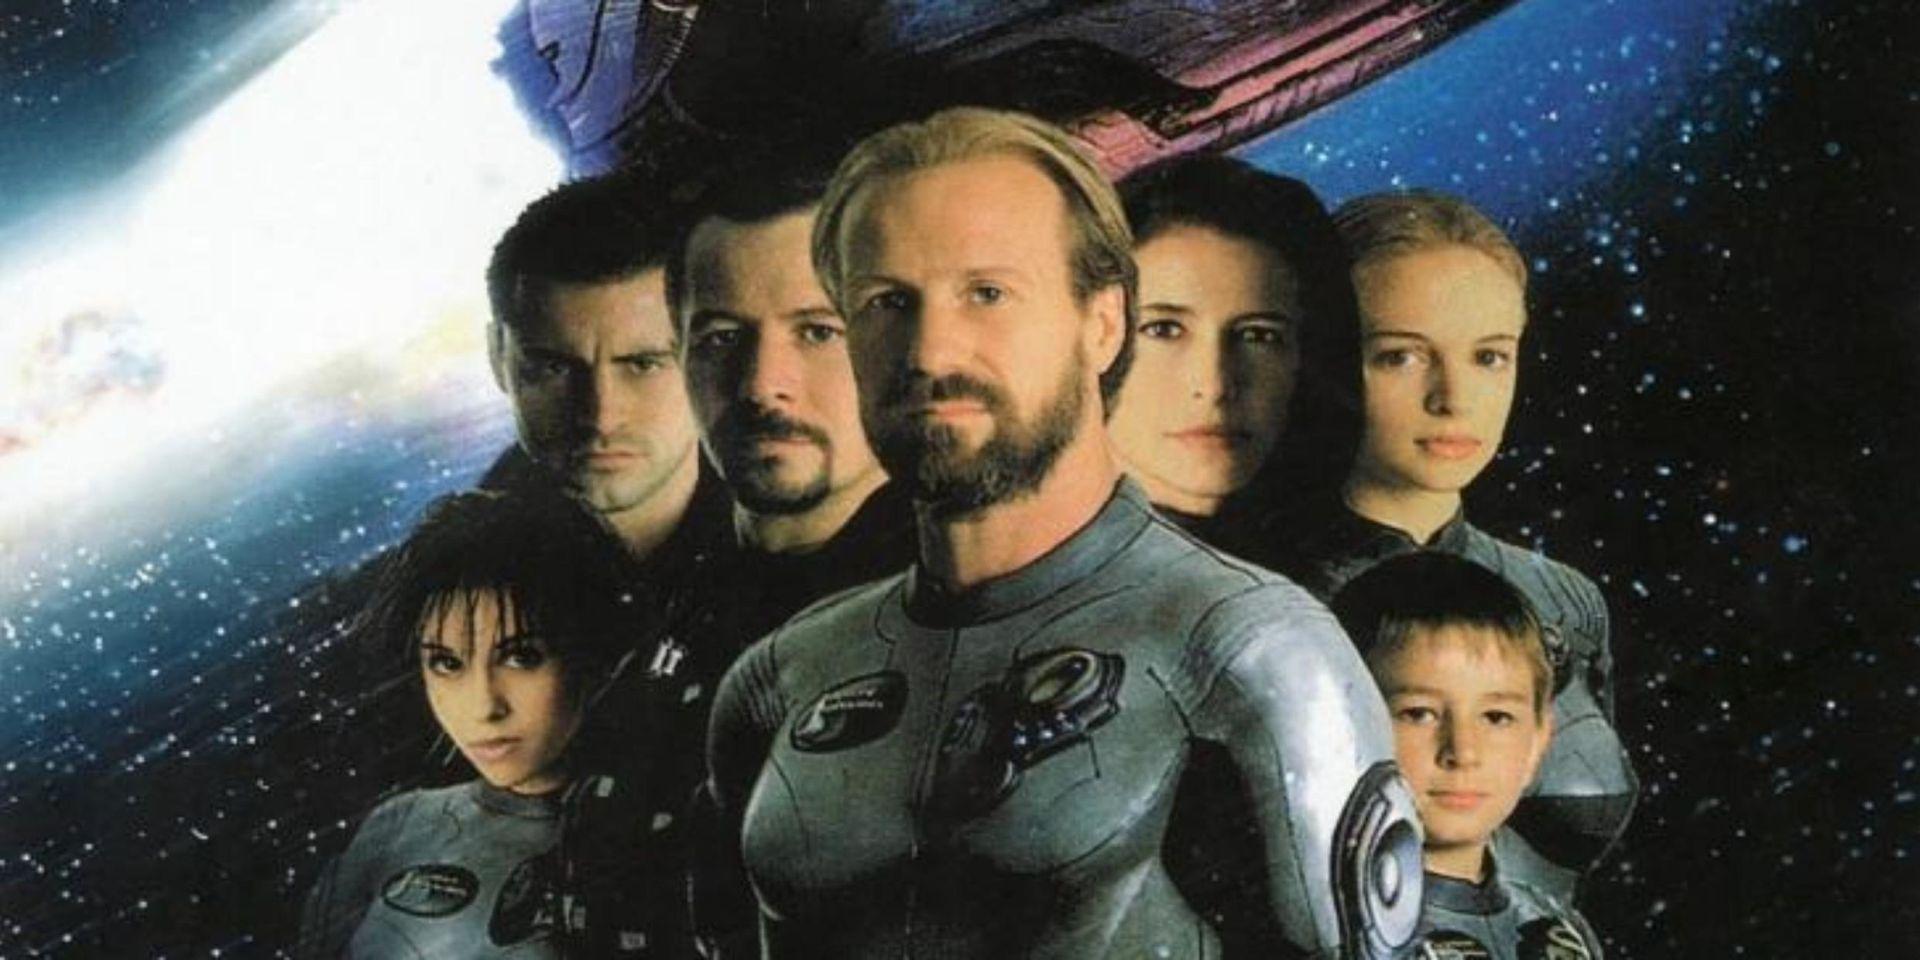 Затерянные в космосе (Lost in Space, 1998)